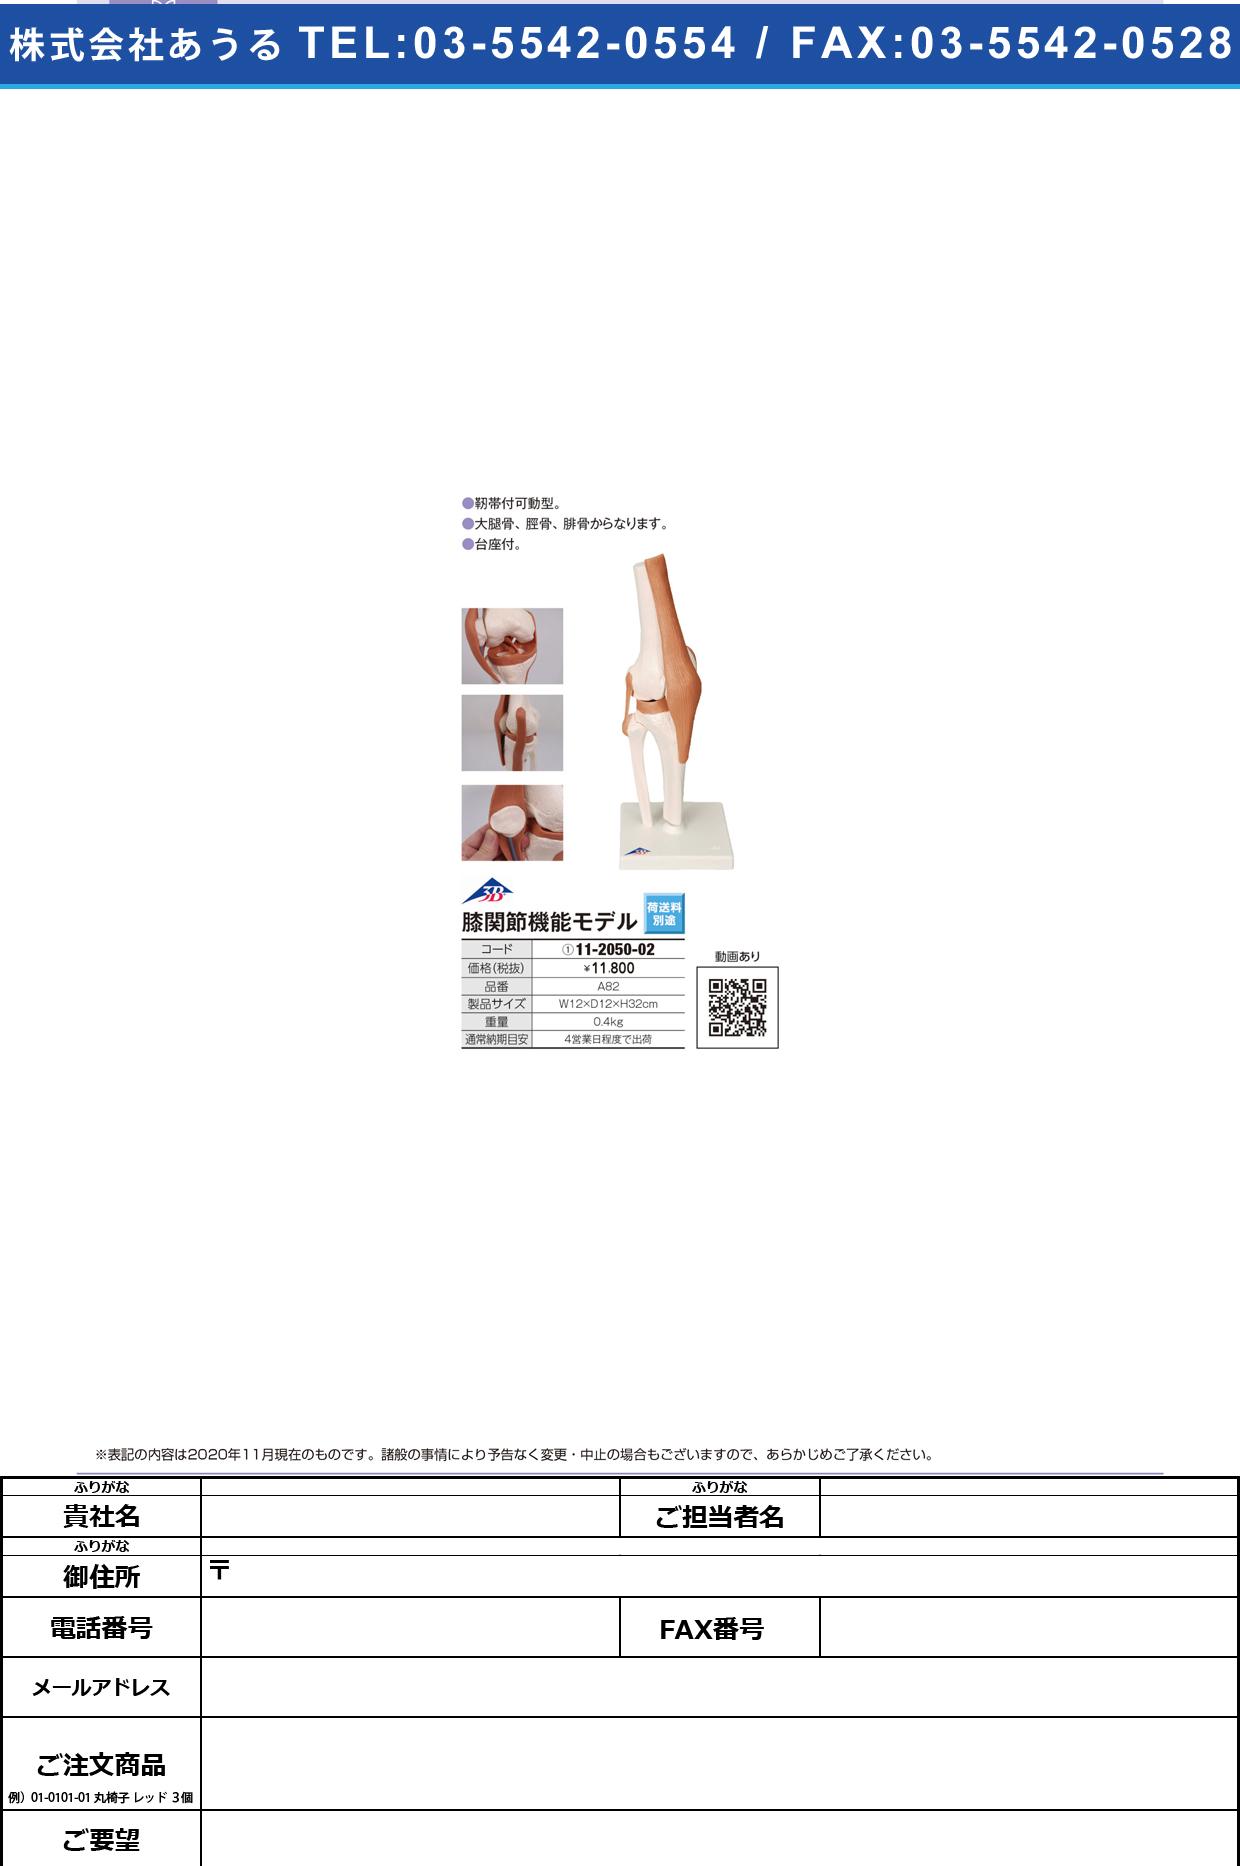 膝関節モデル(台付) A82(12X12X32CM)A82(12X12X32CM)(11-2050-02)【日本3Bサイエンティフィック】(販売単位:1)